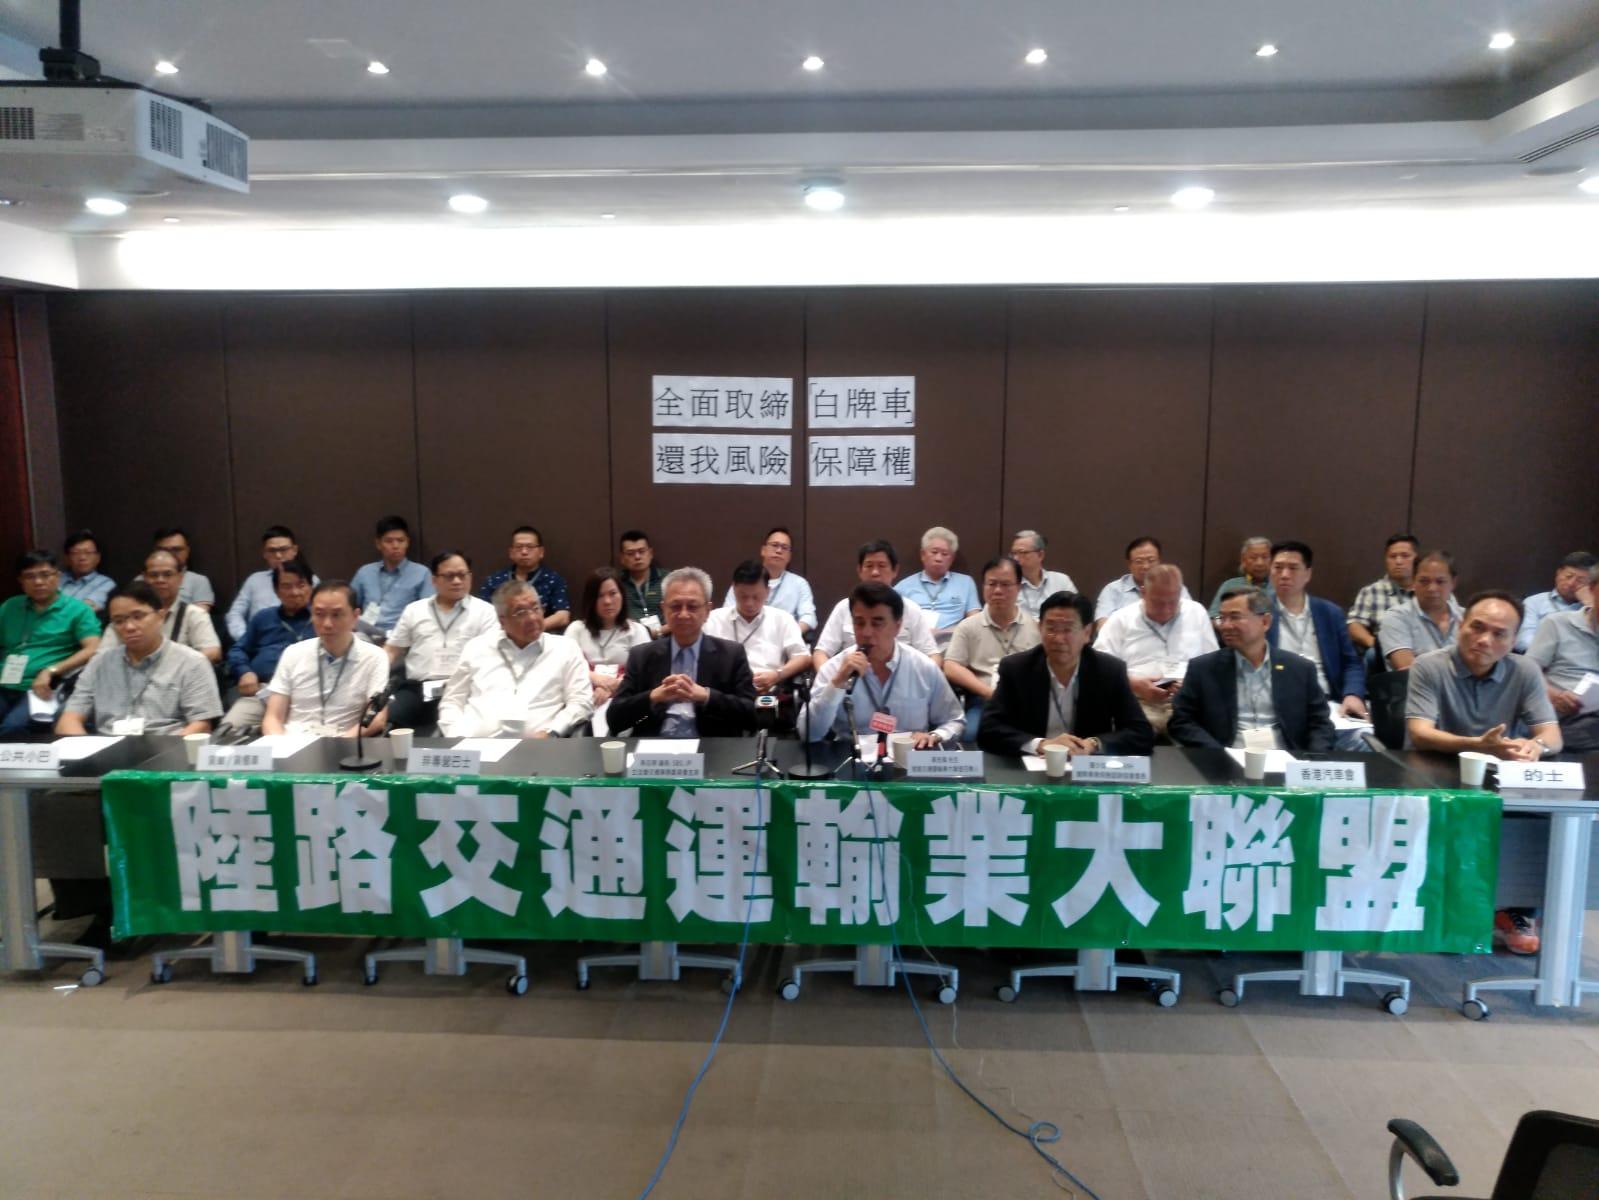 由30多個團體組成的陸路交通運輸業大聯盟向運輸及房屋局請願。